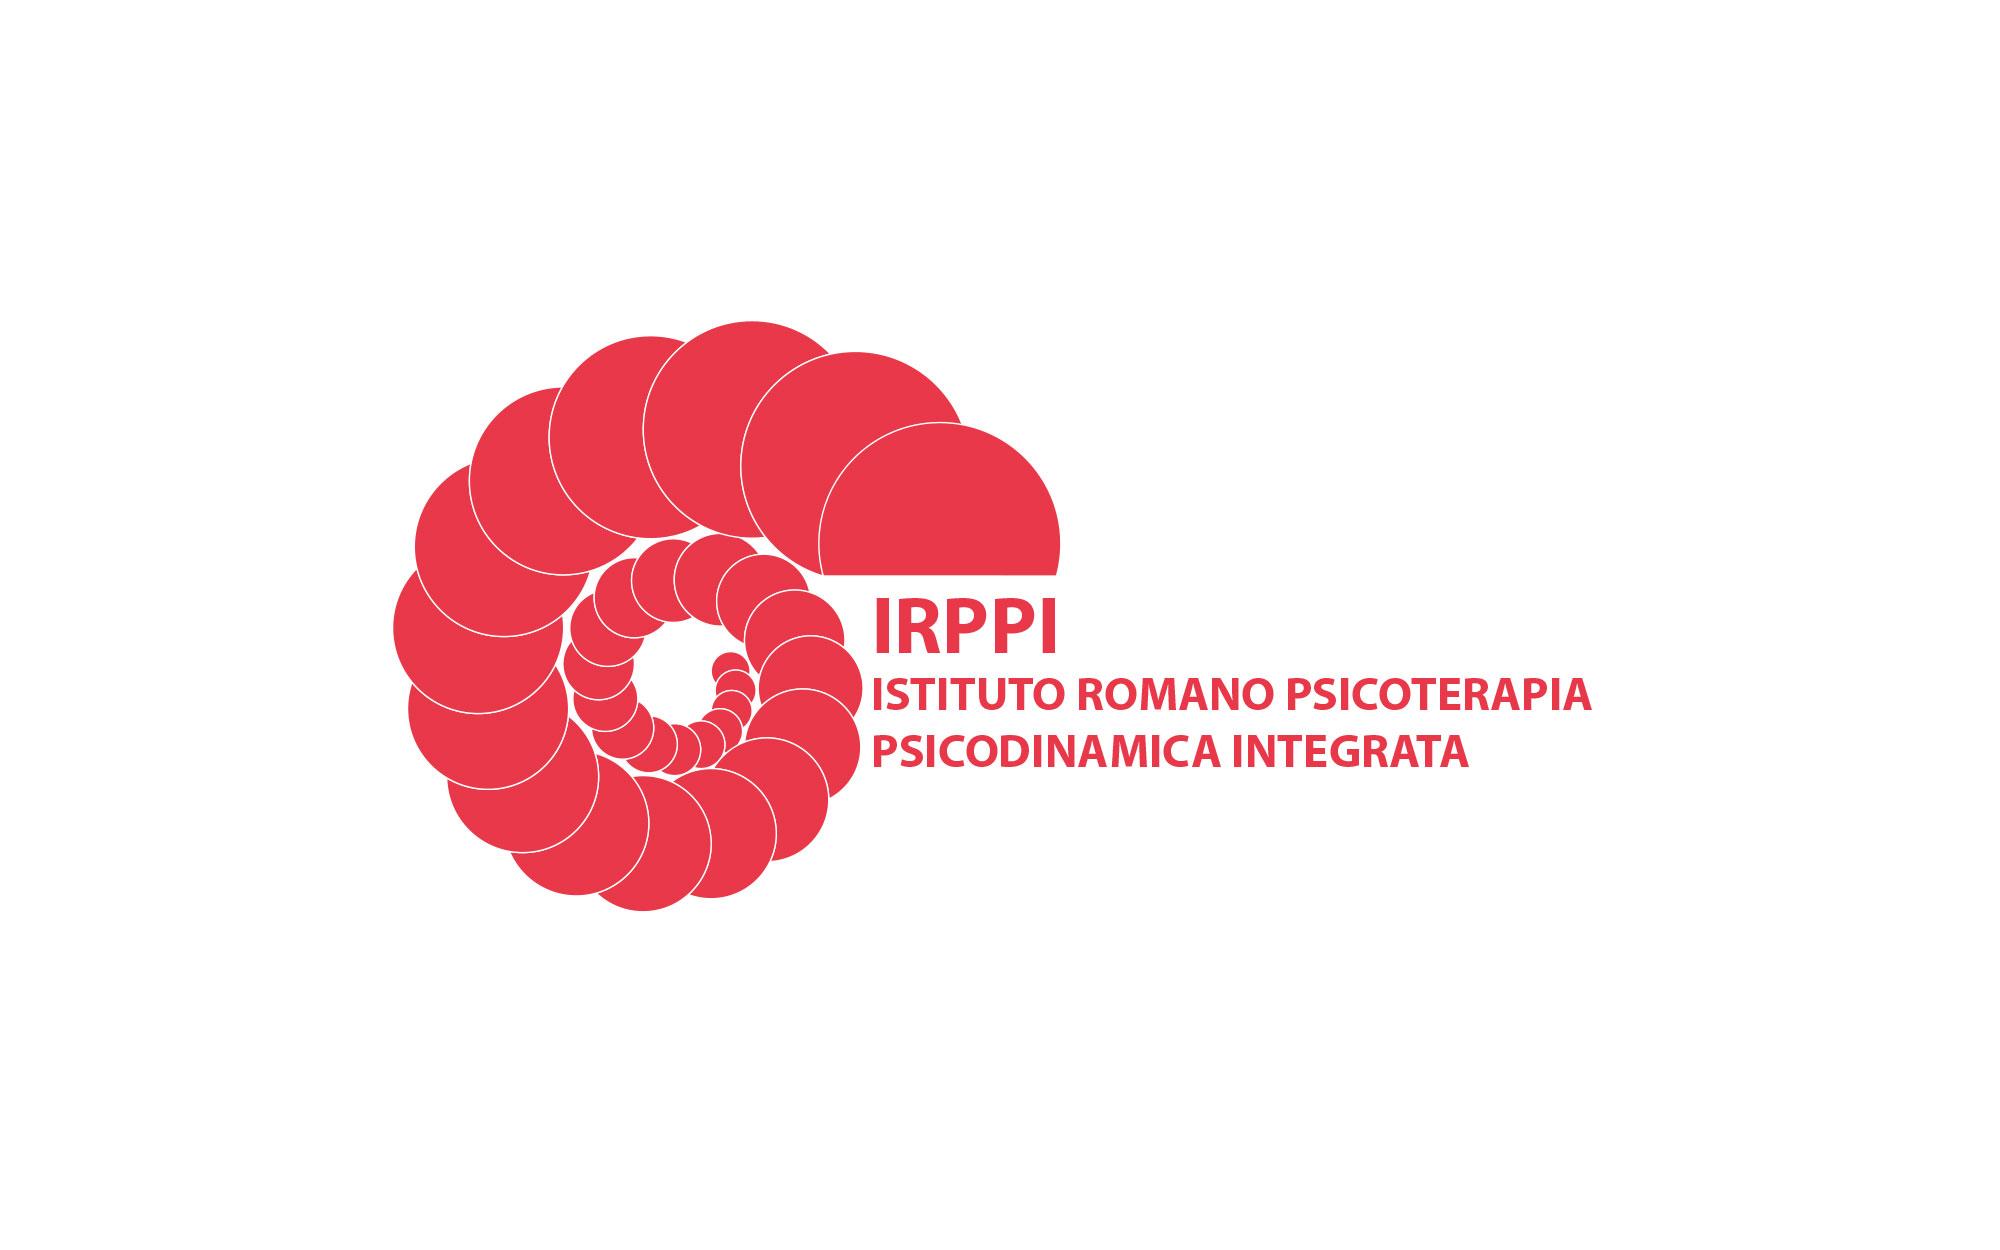 Logo IRPPI